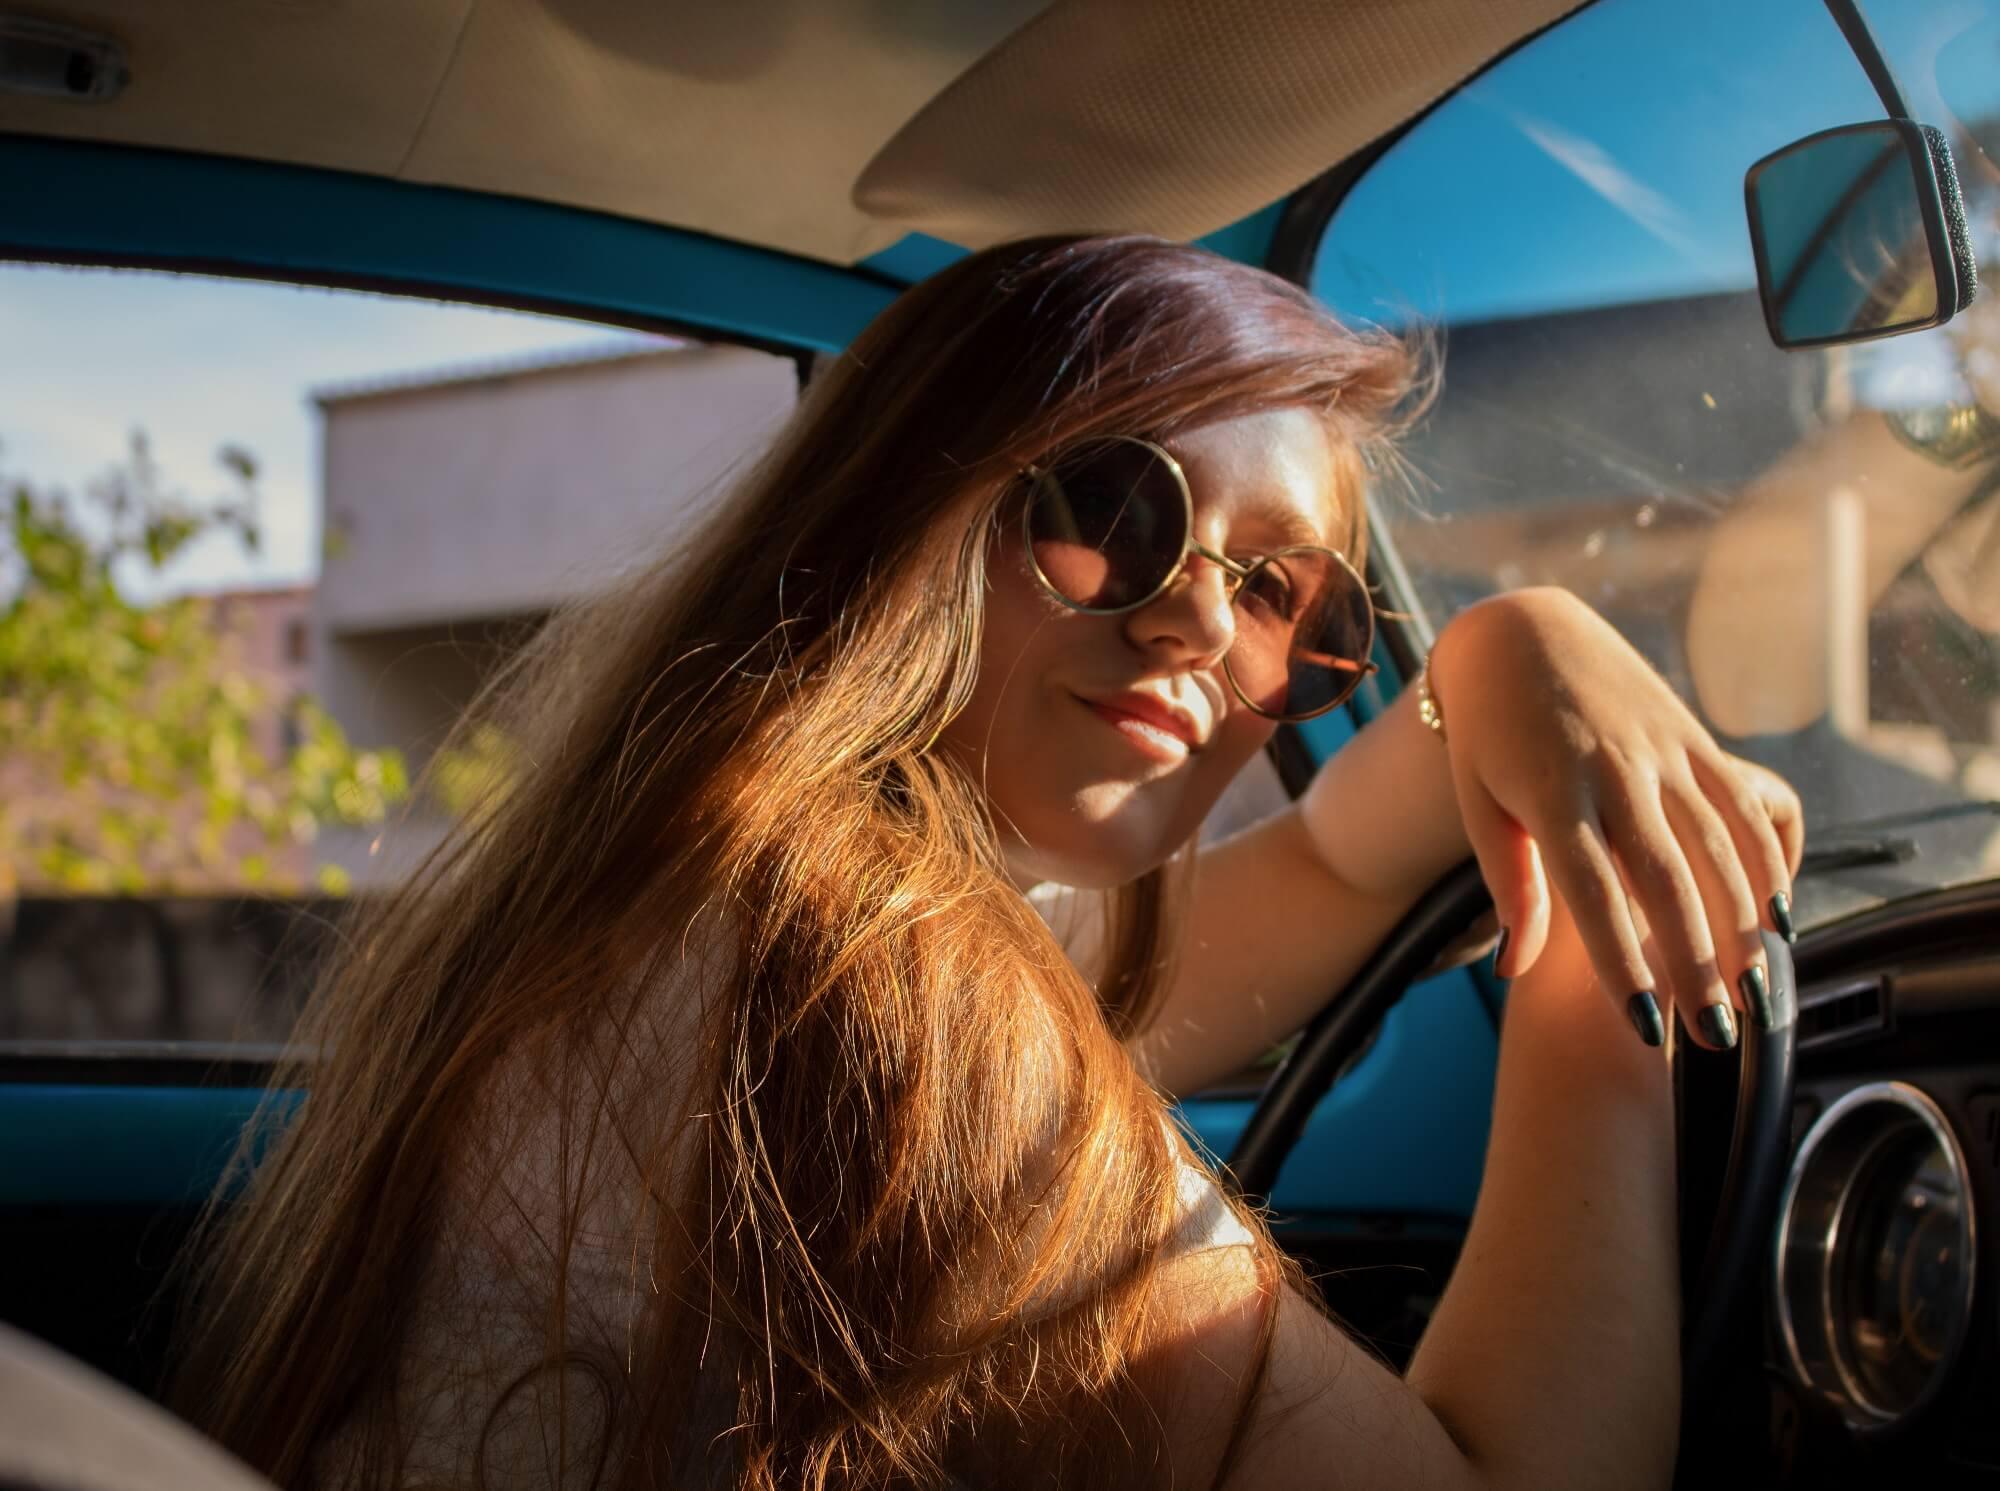 Im Sommer wollen wir unbedingt etwas mit unseren Kindern oder dem Partner unternehmen, und ein Kurztrip zum Strand, in die Badeanstalt oder zum Baggersee macht der ganzen Familie Spaß. Damit Auto und Mitfahrer aber keinen Schaden nehmen, stattet man sein Fahrzeug am besten mit Autozubehör von Travall aus.